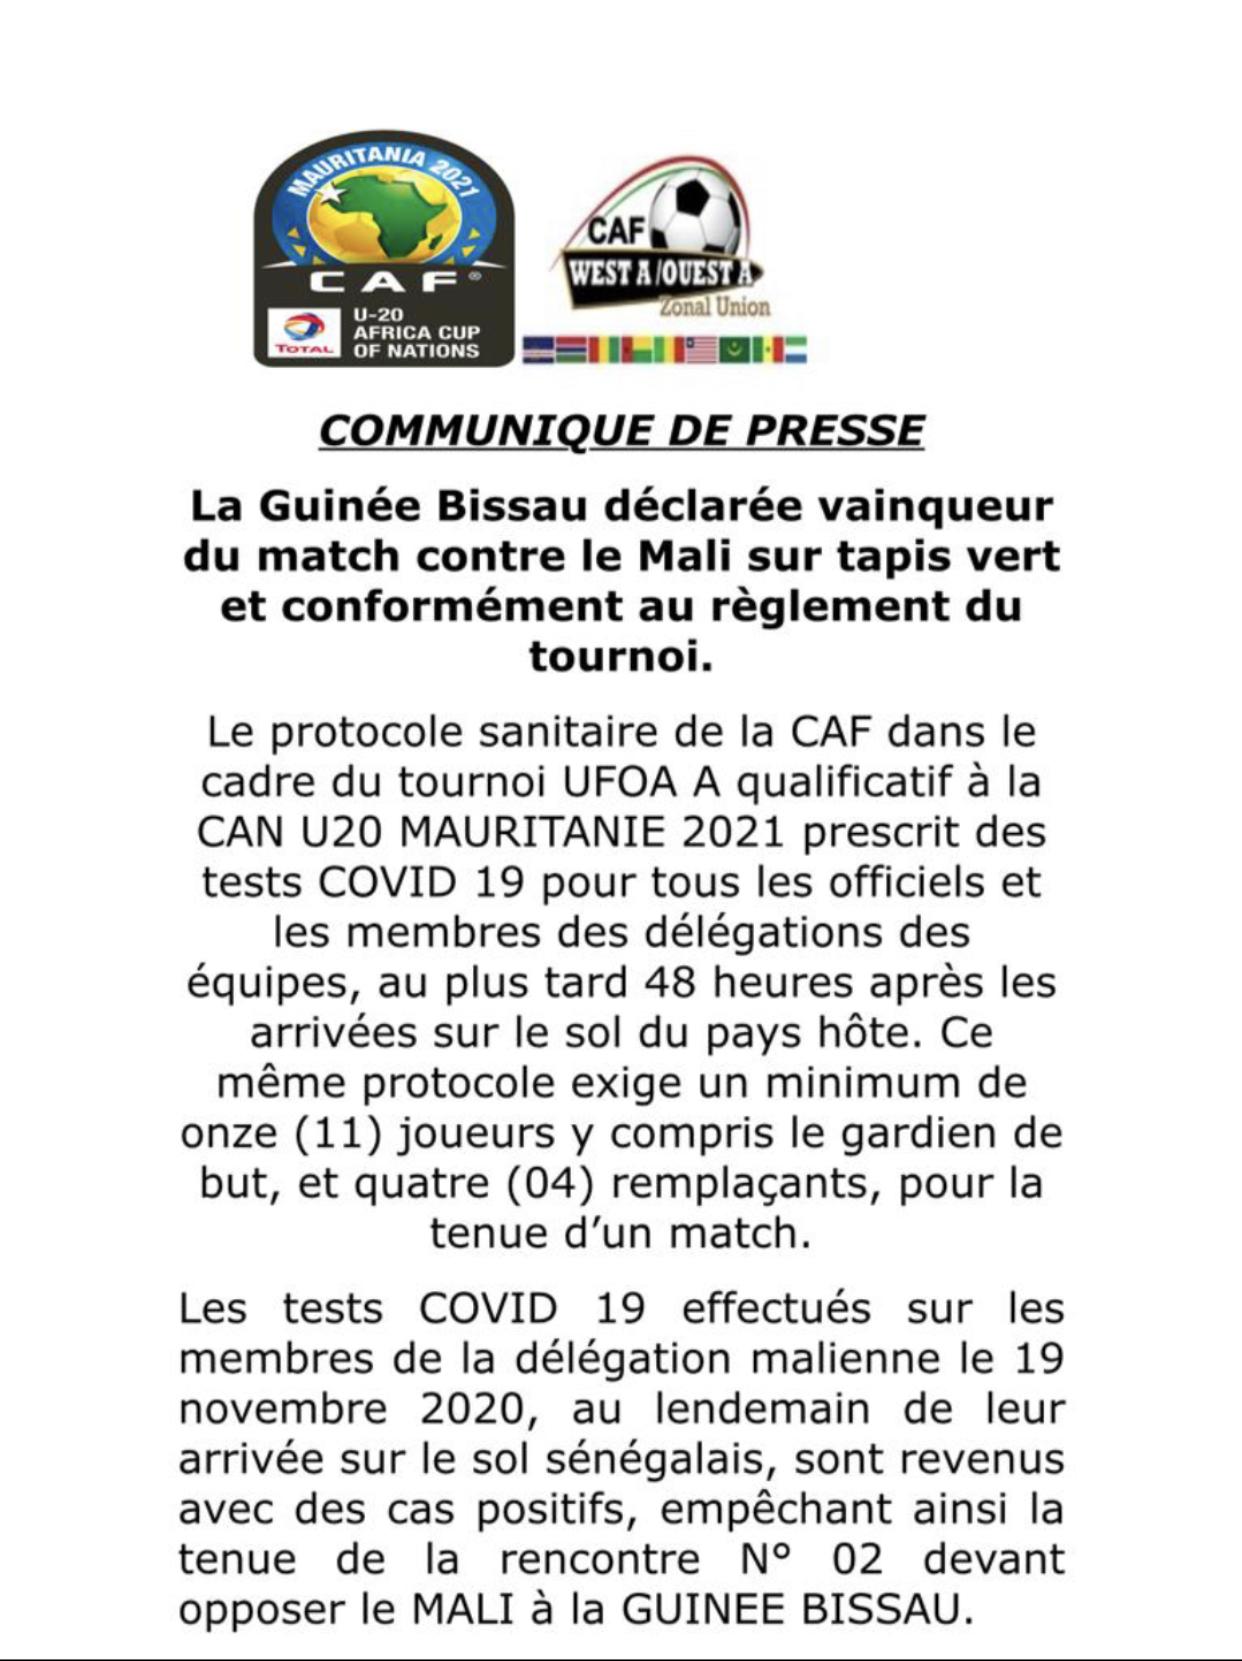 UFOA U20 : La Guinée Bissau déclarée vainqueur contre le Mali sur tapis vert à cause de la Covid-19.